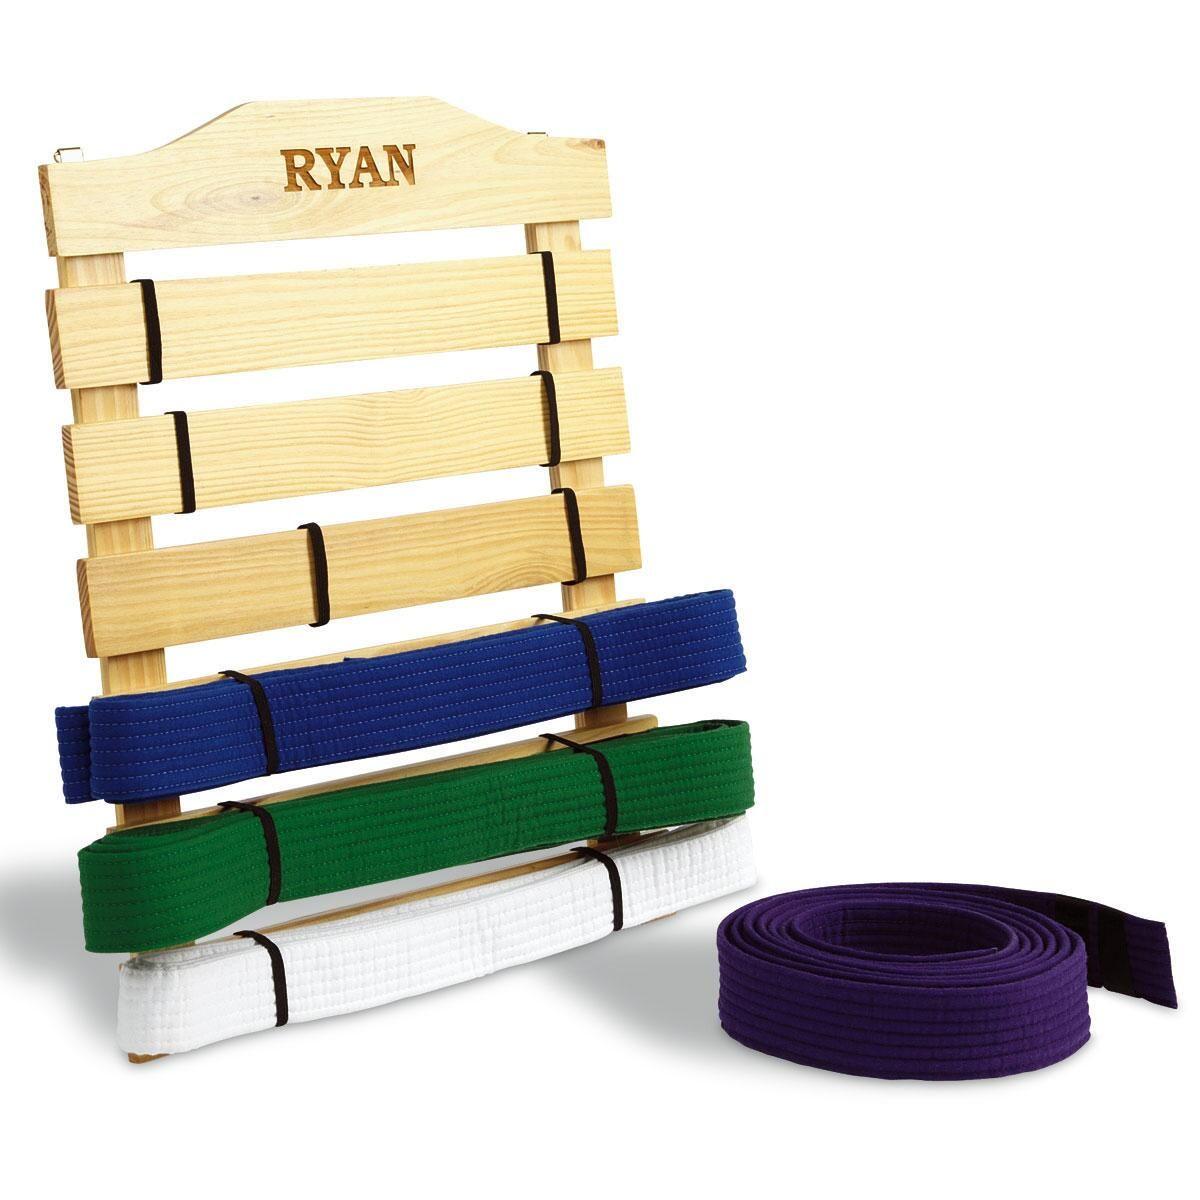 Martial Arts Belt Wooden Display Rack